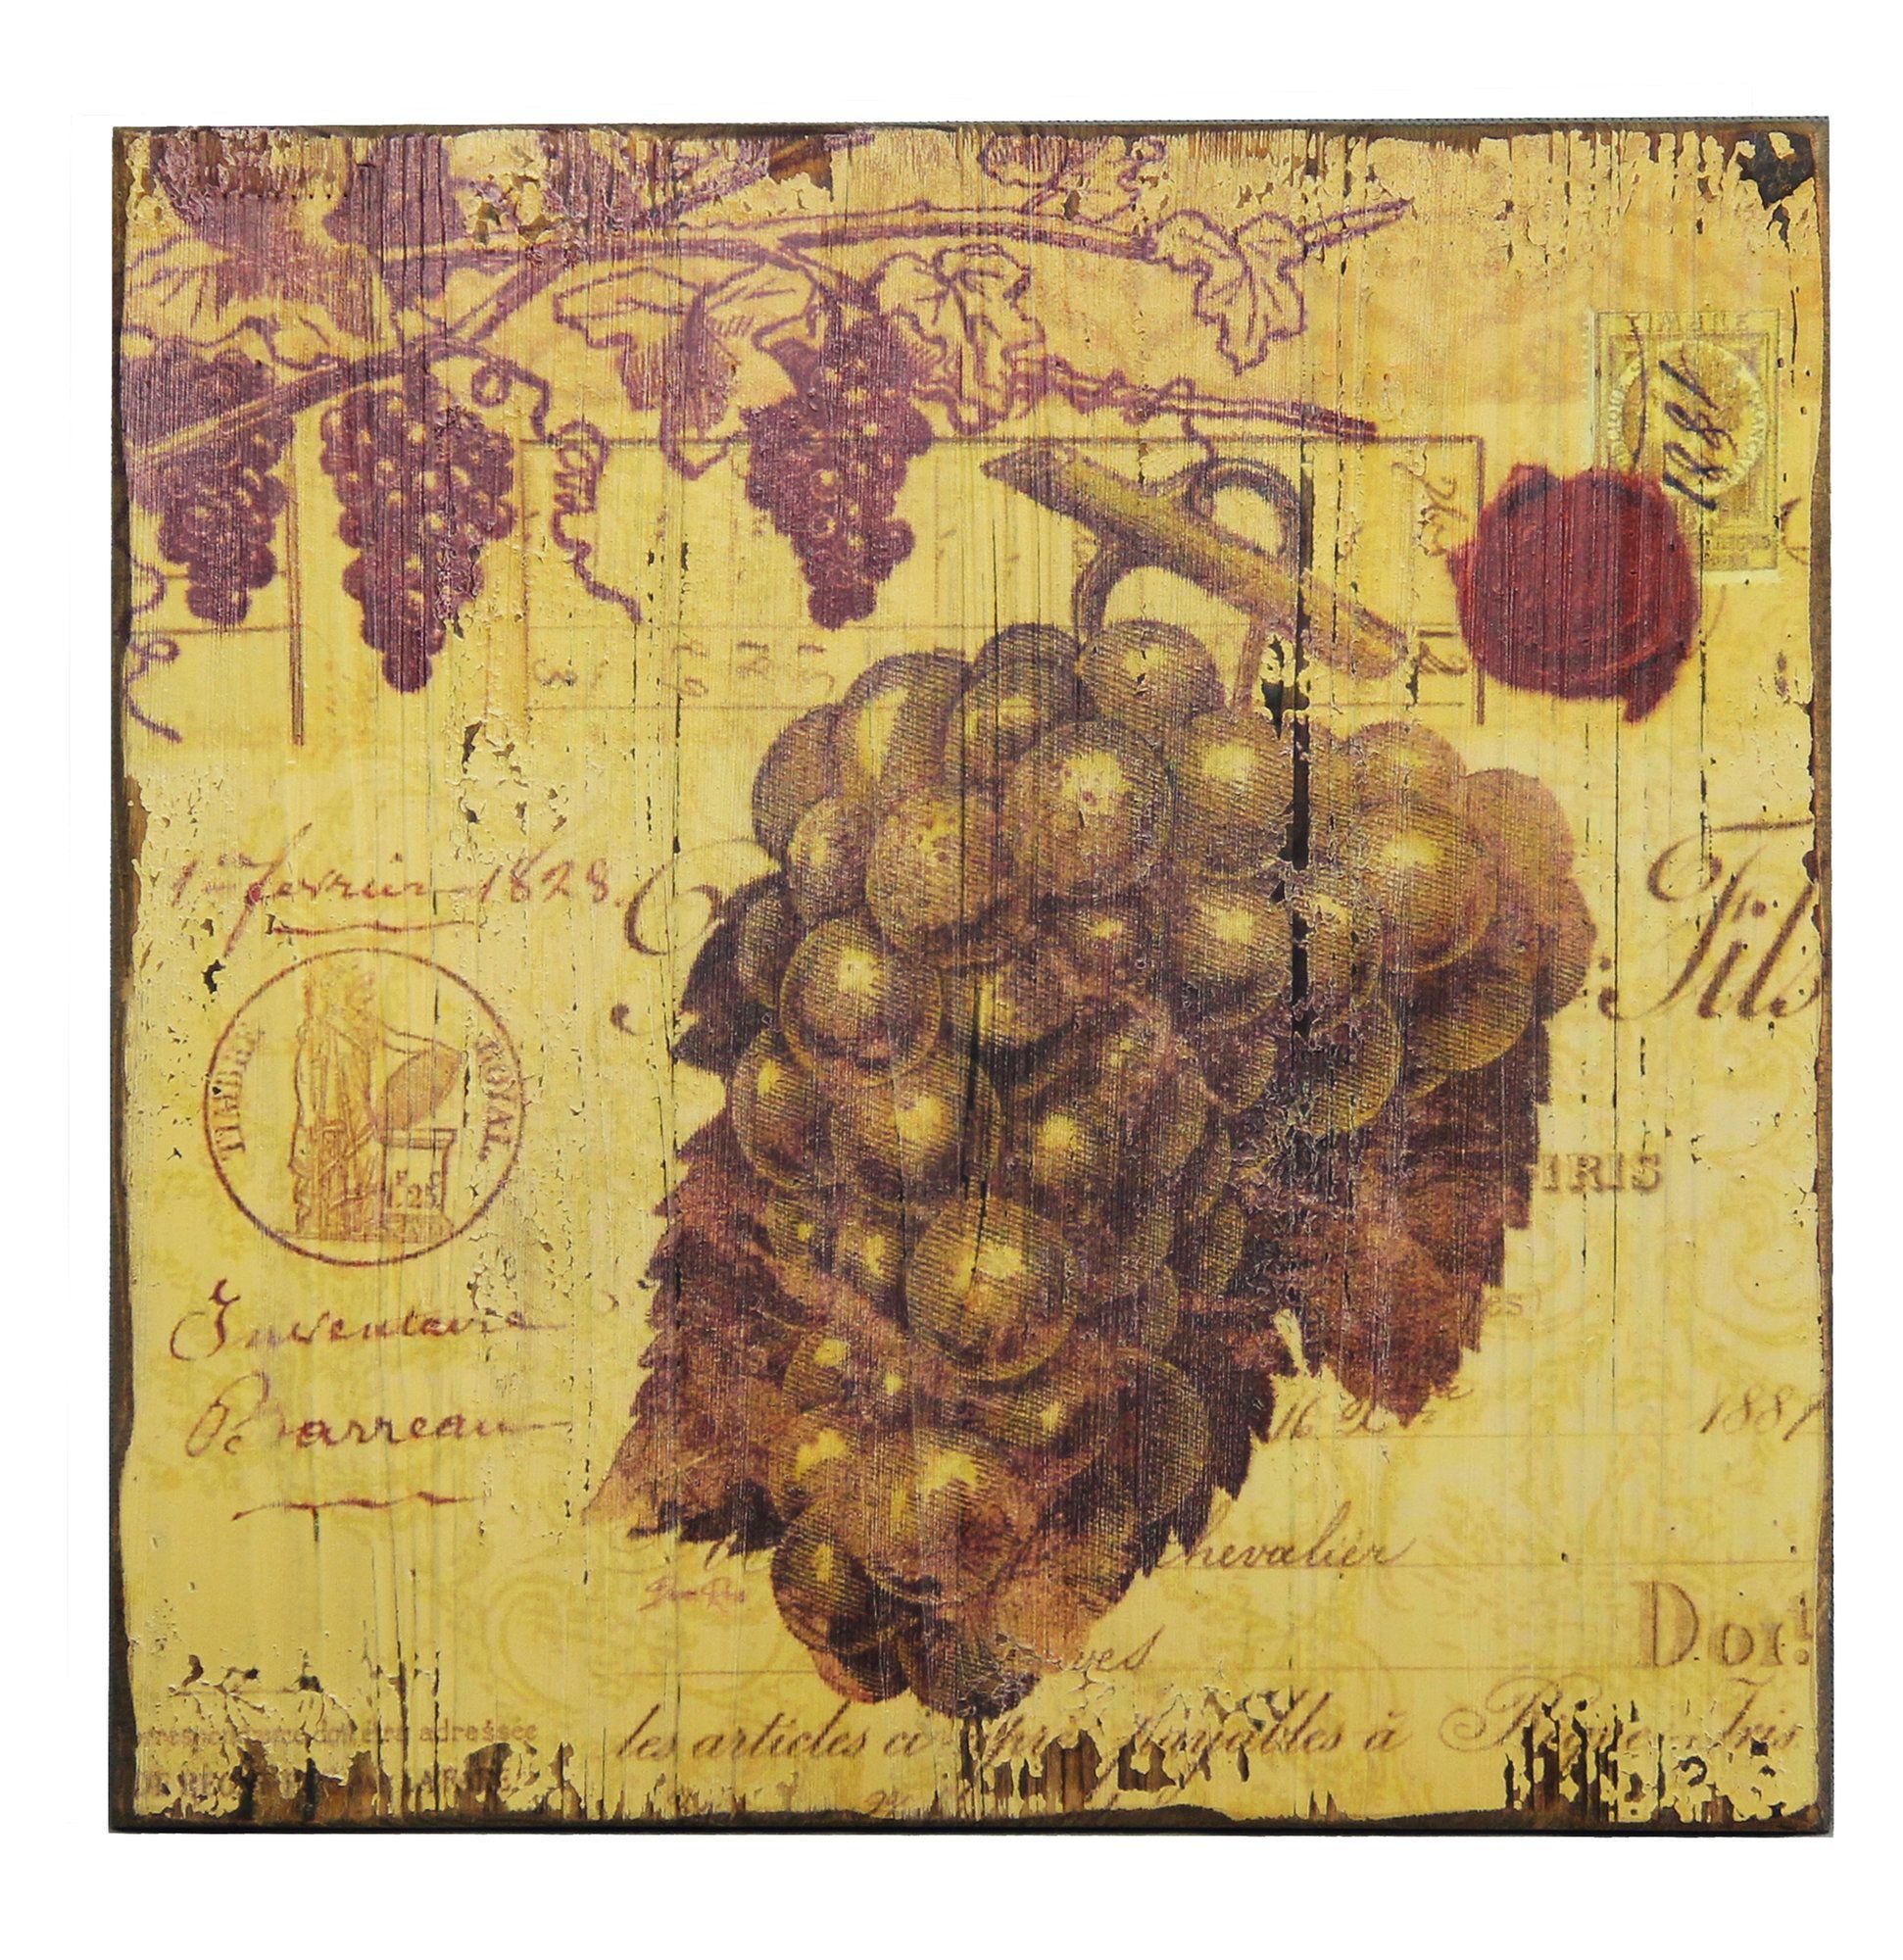 Unique Vineyard Vines Wall Decor Frieze - Wall Art Ideas - dochista.info